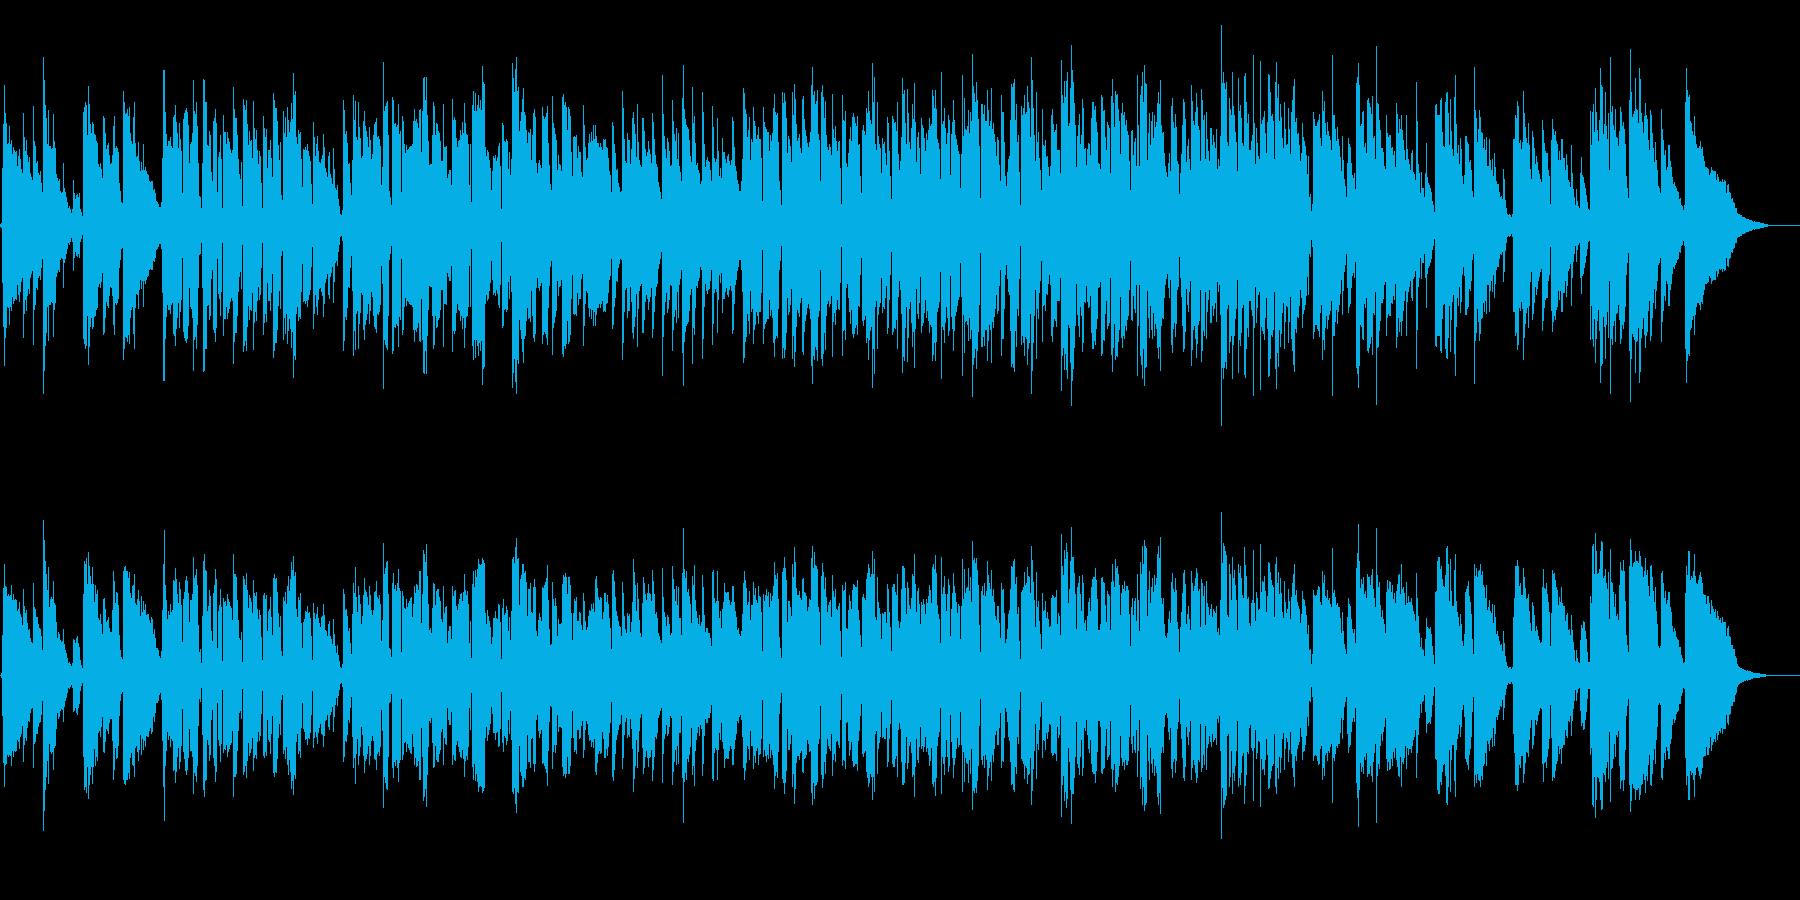 「シャボン玉」童謡です。ギター。の再生済みの波形